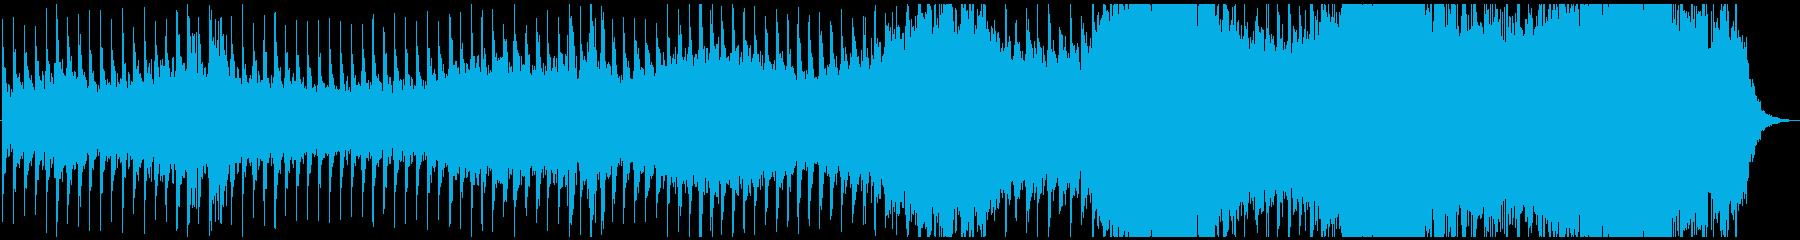 何かがゆっくりと迫ってくるようなホラー曲の再生済みの波形